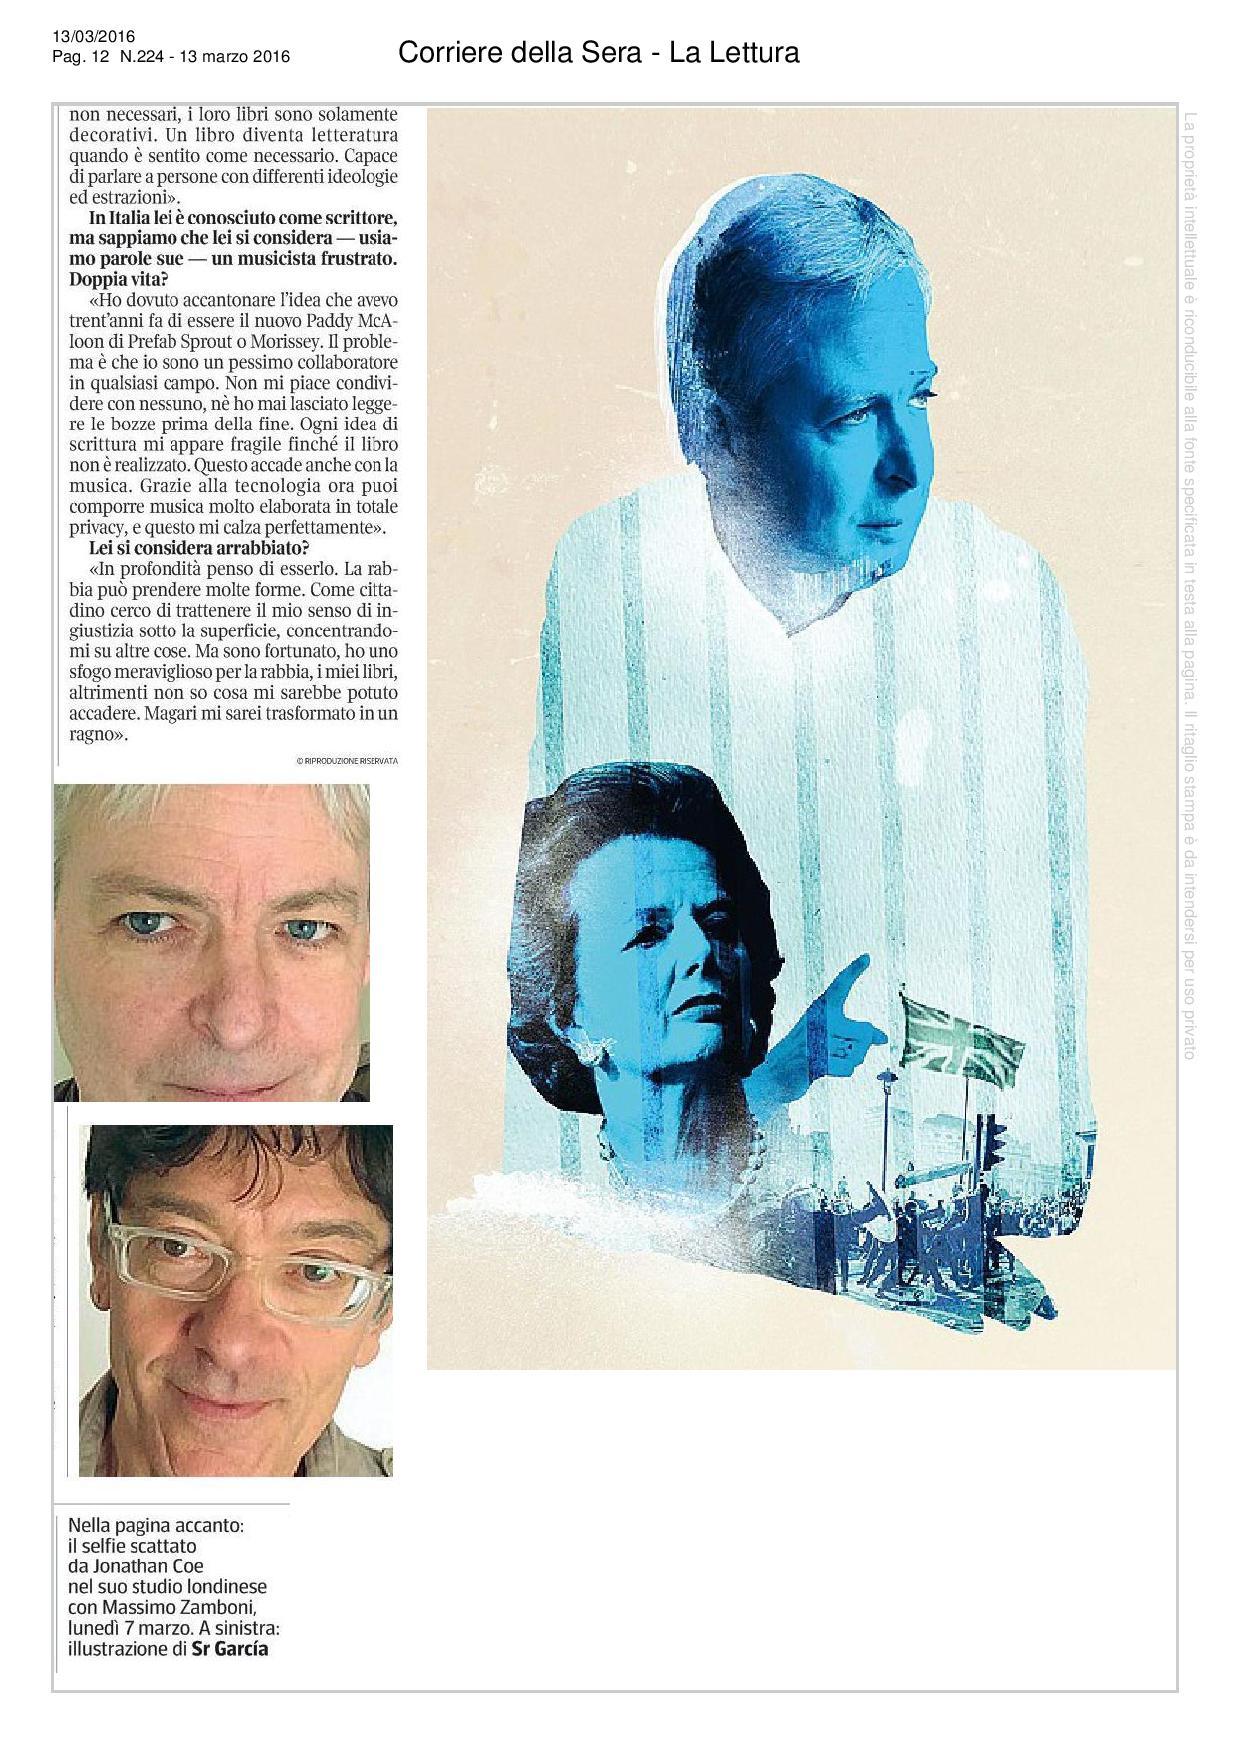 corriere-della-sera-del-13-03-16-page-003